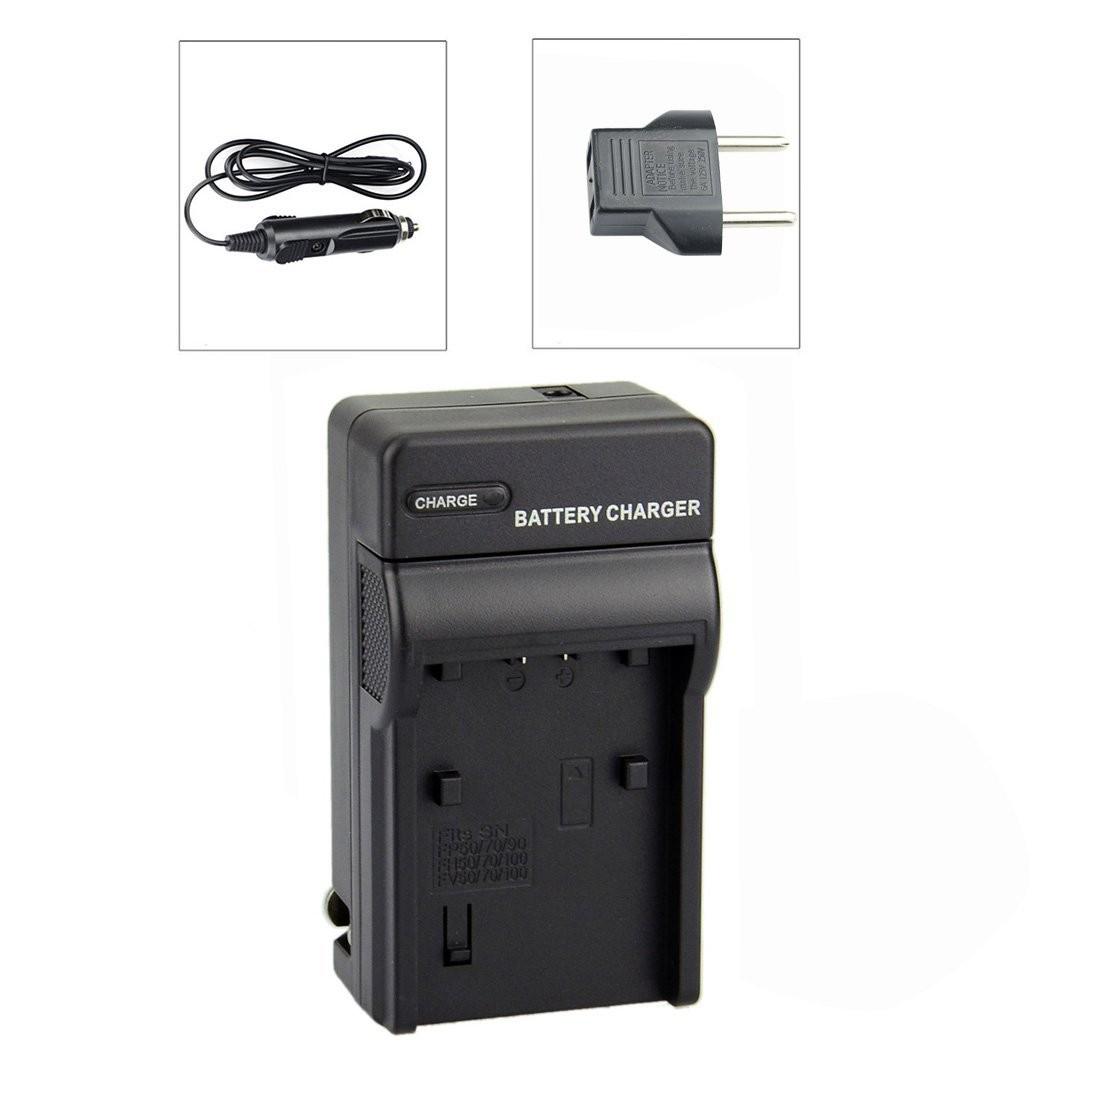 Carregador para Sony NP-FP50 NP-FP70 NP-FP90; NP-FH50 NP-FH70 NP-FH100; NP-FV50 NP-FV70 NP-FV100;FP51/51D,FP71/71D, FP91/91D,